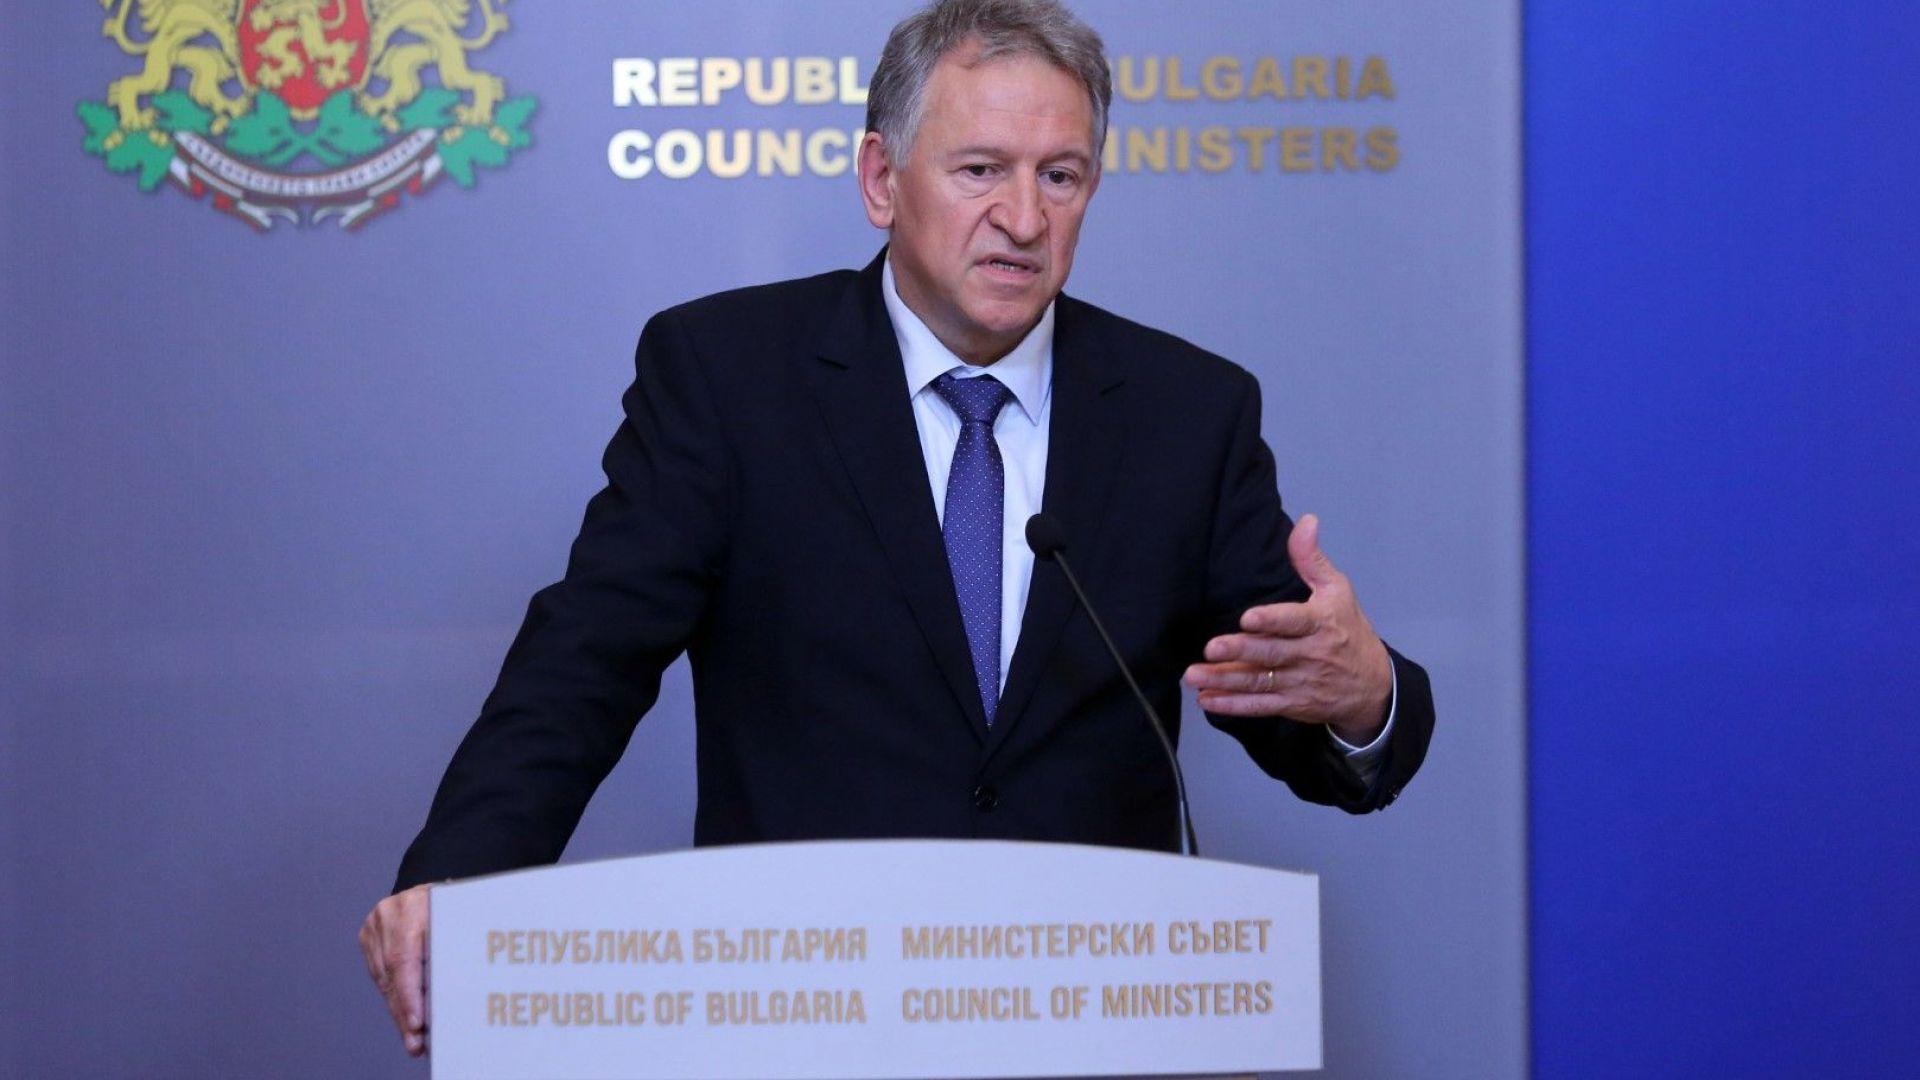 Д-р Кацаров: Атакуват ни хора, довели борбата с пандемията до пълна катастрофа